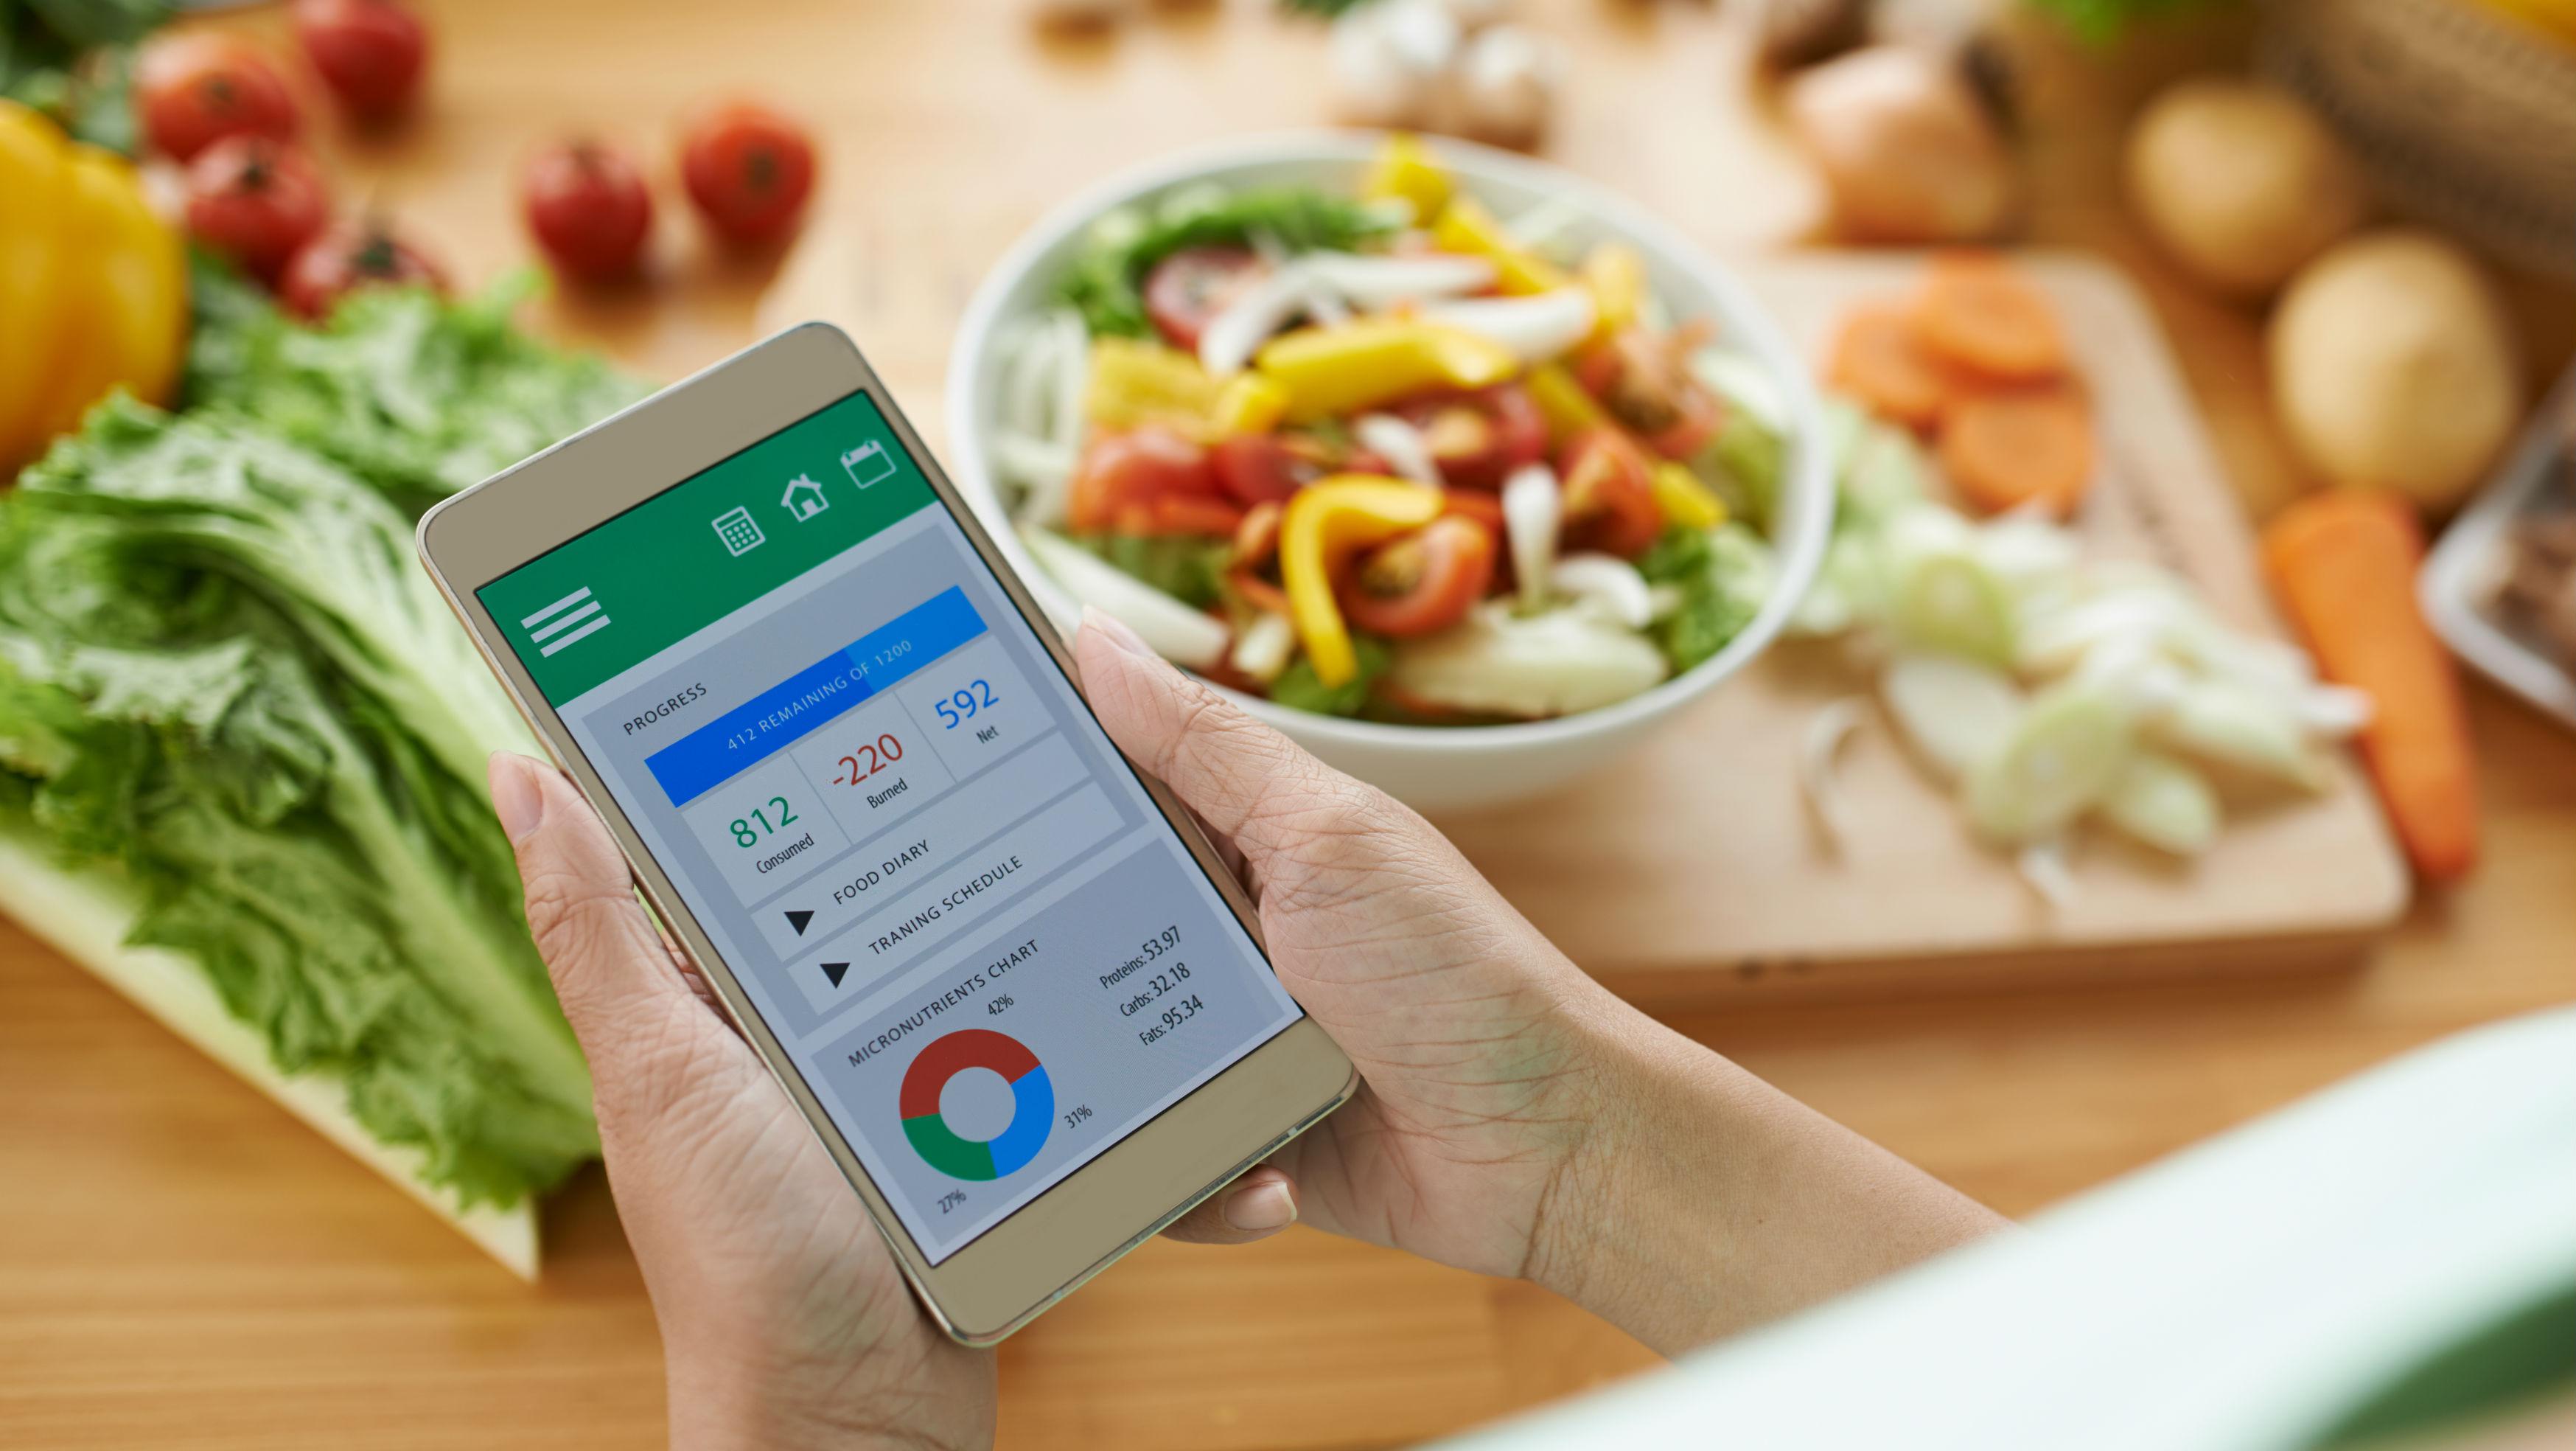 Her daim sağlıklı ve fit bir vücuda sahip olabilmek için bize yardımcı olabilecek pek çok beslenme mobil uygulamaları bulunuyor. Sağlıklı bir yaşam ve kilo verebilmek için mobil cihazlarınızda kullanabileceğiniz uygulamaları… devamını gör •••